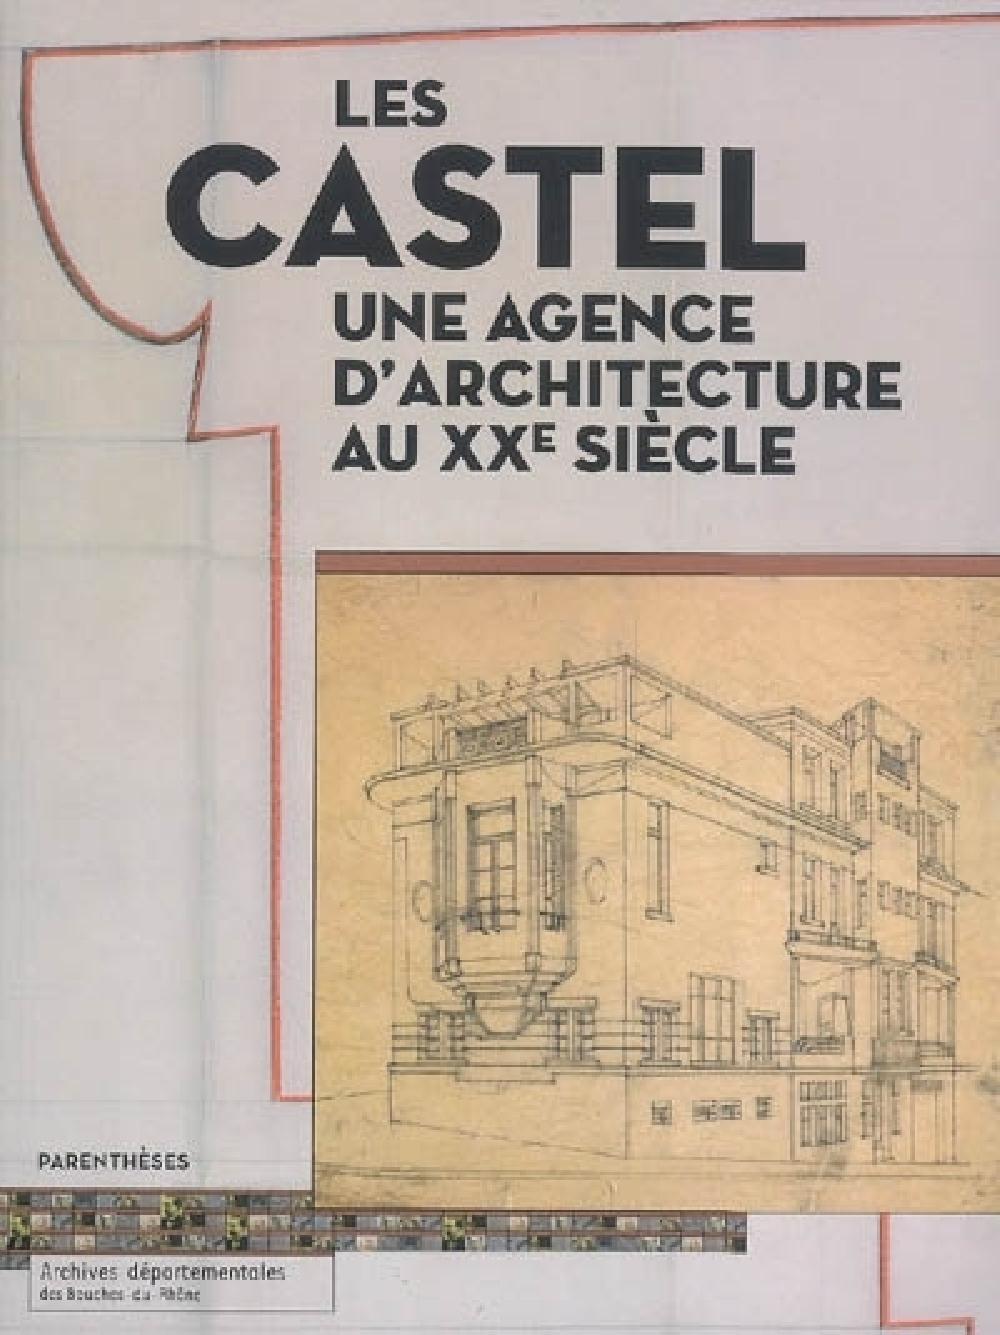 Les Castel une agence d'architecture au XXe siècle